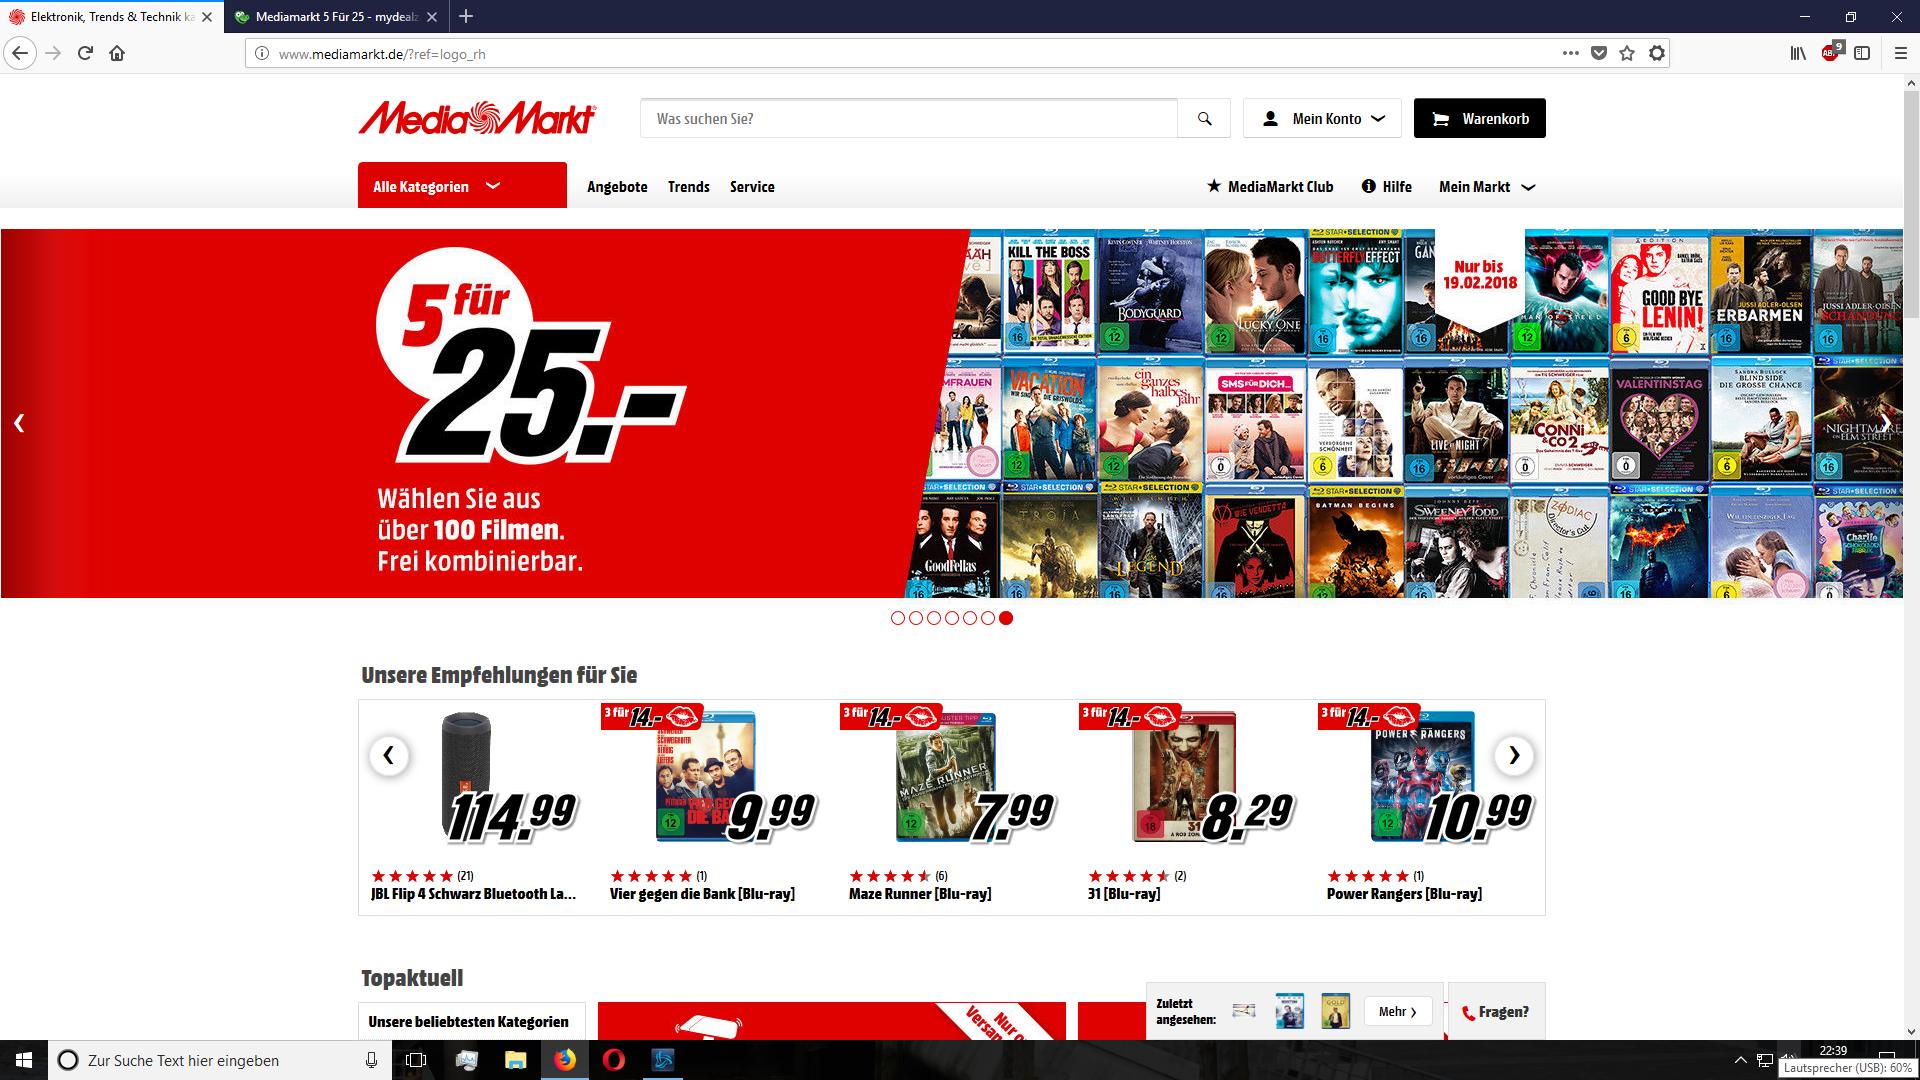 Mediamarkt 5 Für 25 (Blu-rays)